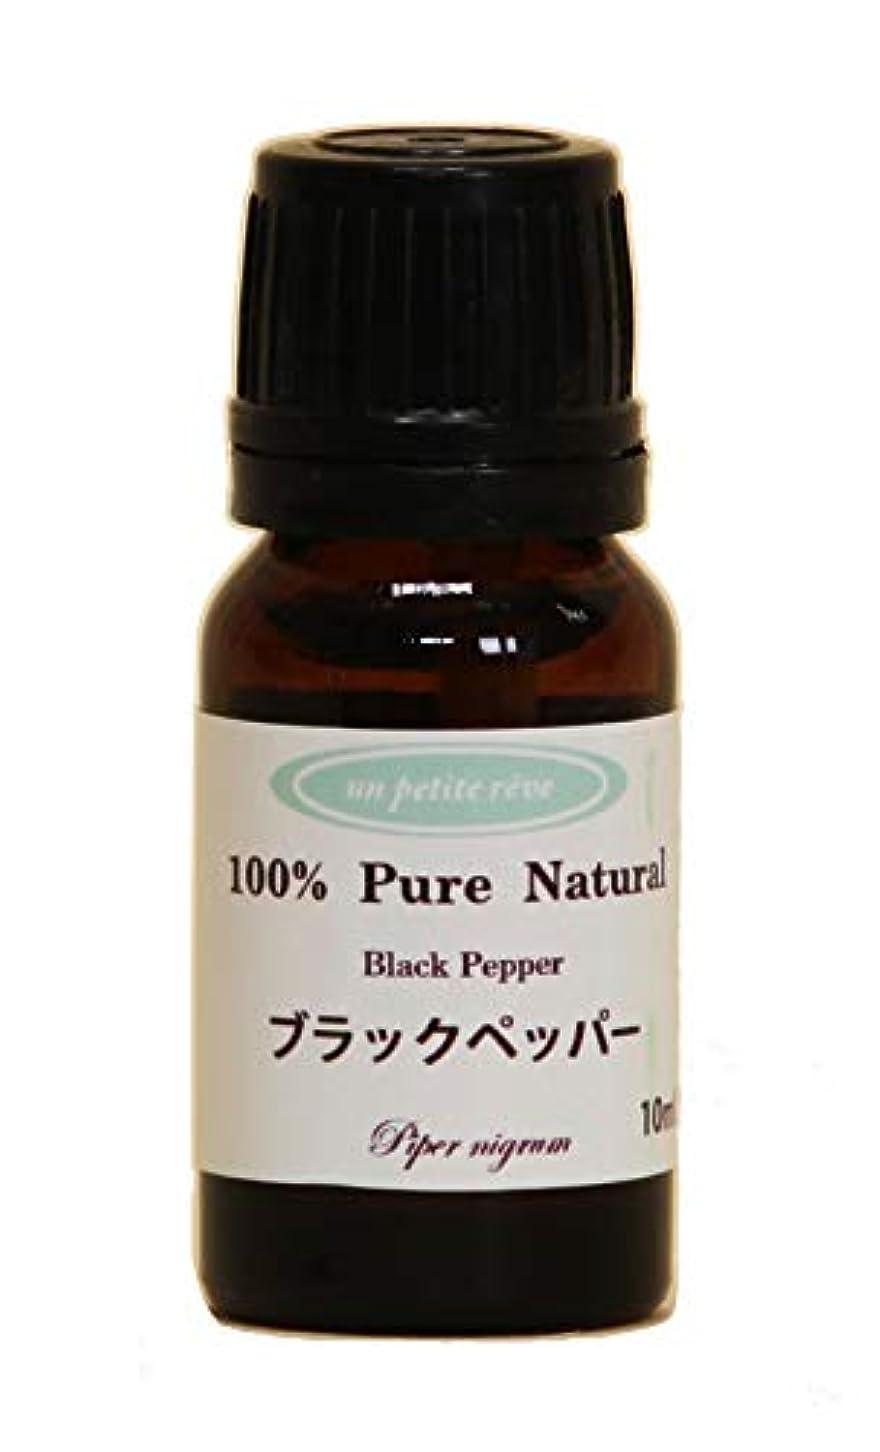 聖なる意外困惑ブラックペッパー  10ml 100%天然アロマエッセンシャルオイル(精油)